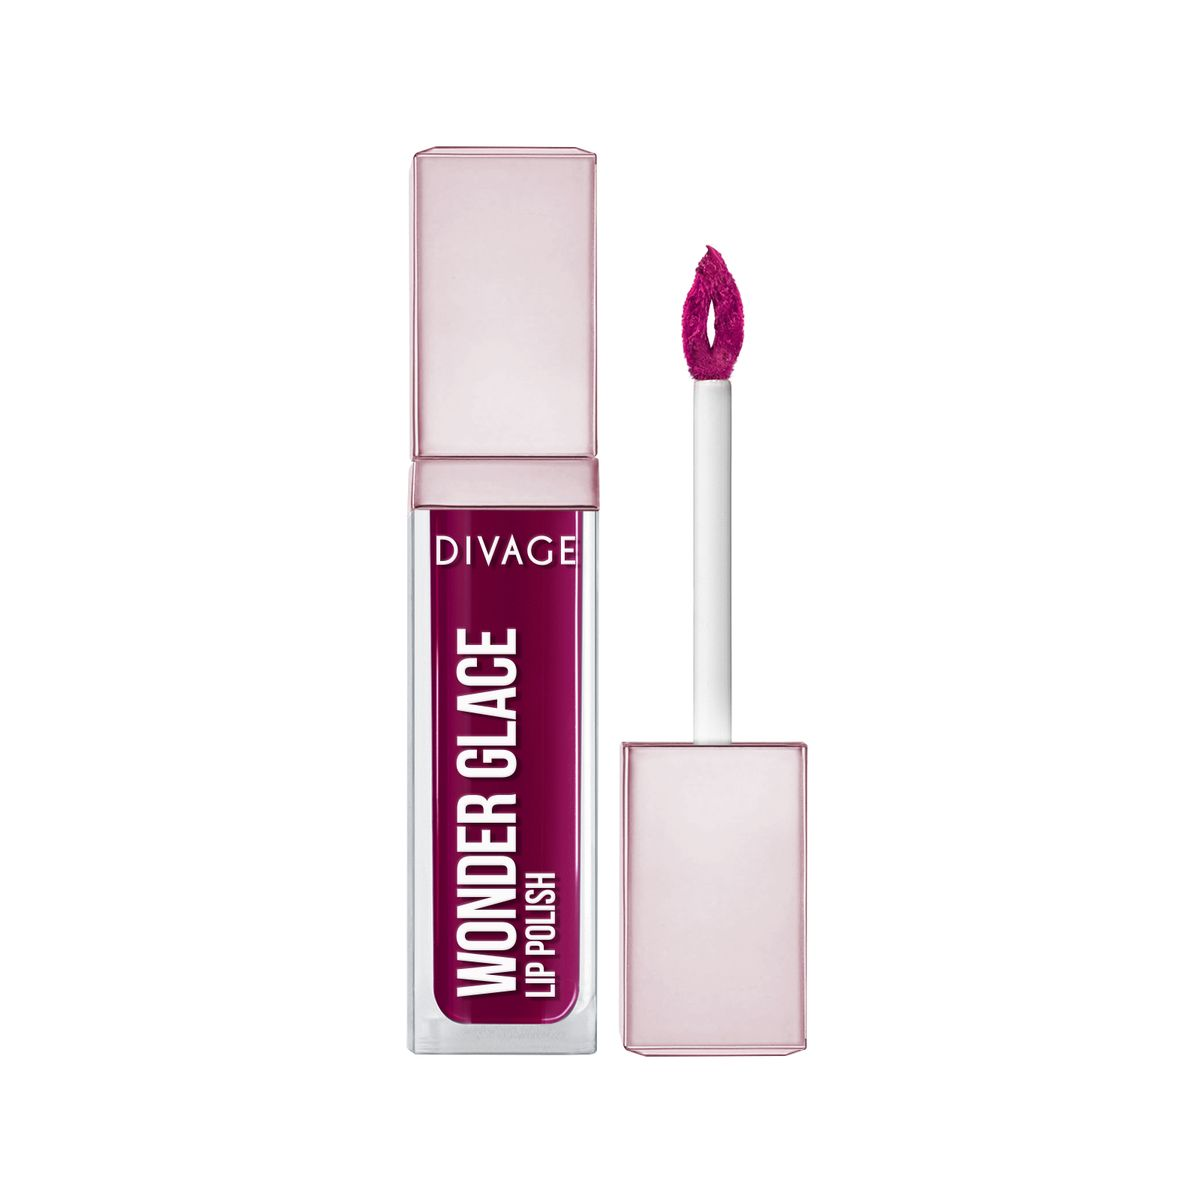 DIVAGE Лак для губ WONDER GLACE, тон № 08, 5 млSC-FM20104DIVAGE приготовил для тебя отличный подарок - лак для губ с инновационной формулой, которая придает глубокий и насыщенный цвет.Роскошное глянцевое сияние на твоих губах сделает макияж особенным и неповторимым. 8 самых актуальных оттенков, чтобы ты могла выглядеть ярко и привлекательно в любой ситуации. Особая форма аппликатора позволяет идеально прокрашивать губы и делает нанесение более комфортным. Лак не только смотрится ярко, но и увлажняет и защищает твои губы. Будь самой неповторимой этой весной и восхищай всех роскошным блеском и невероятно насыщенным цветом с лаком для губ «WONDER GLACE» от DIVAGE!